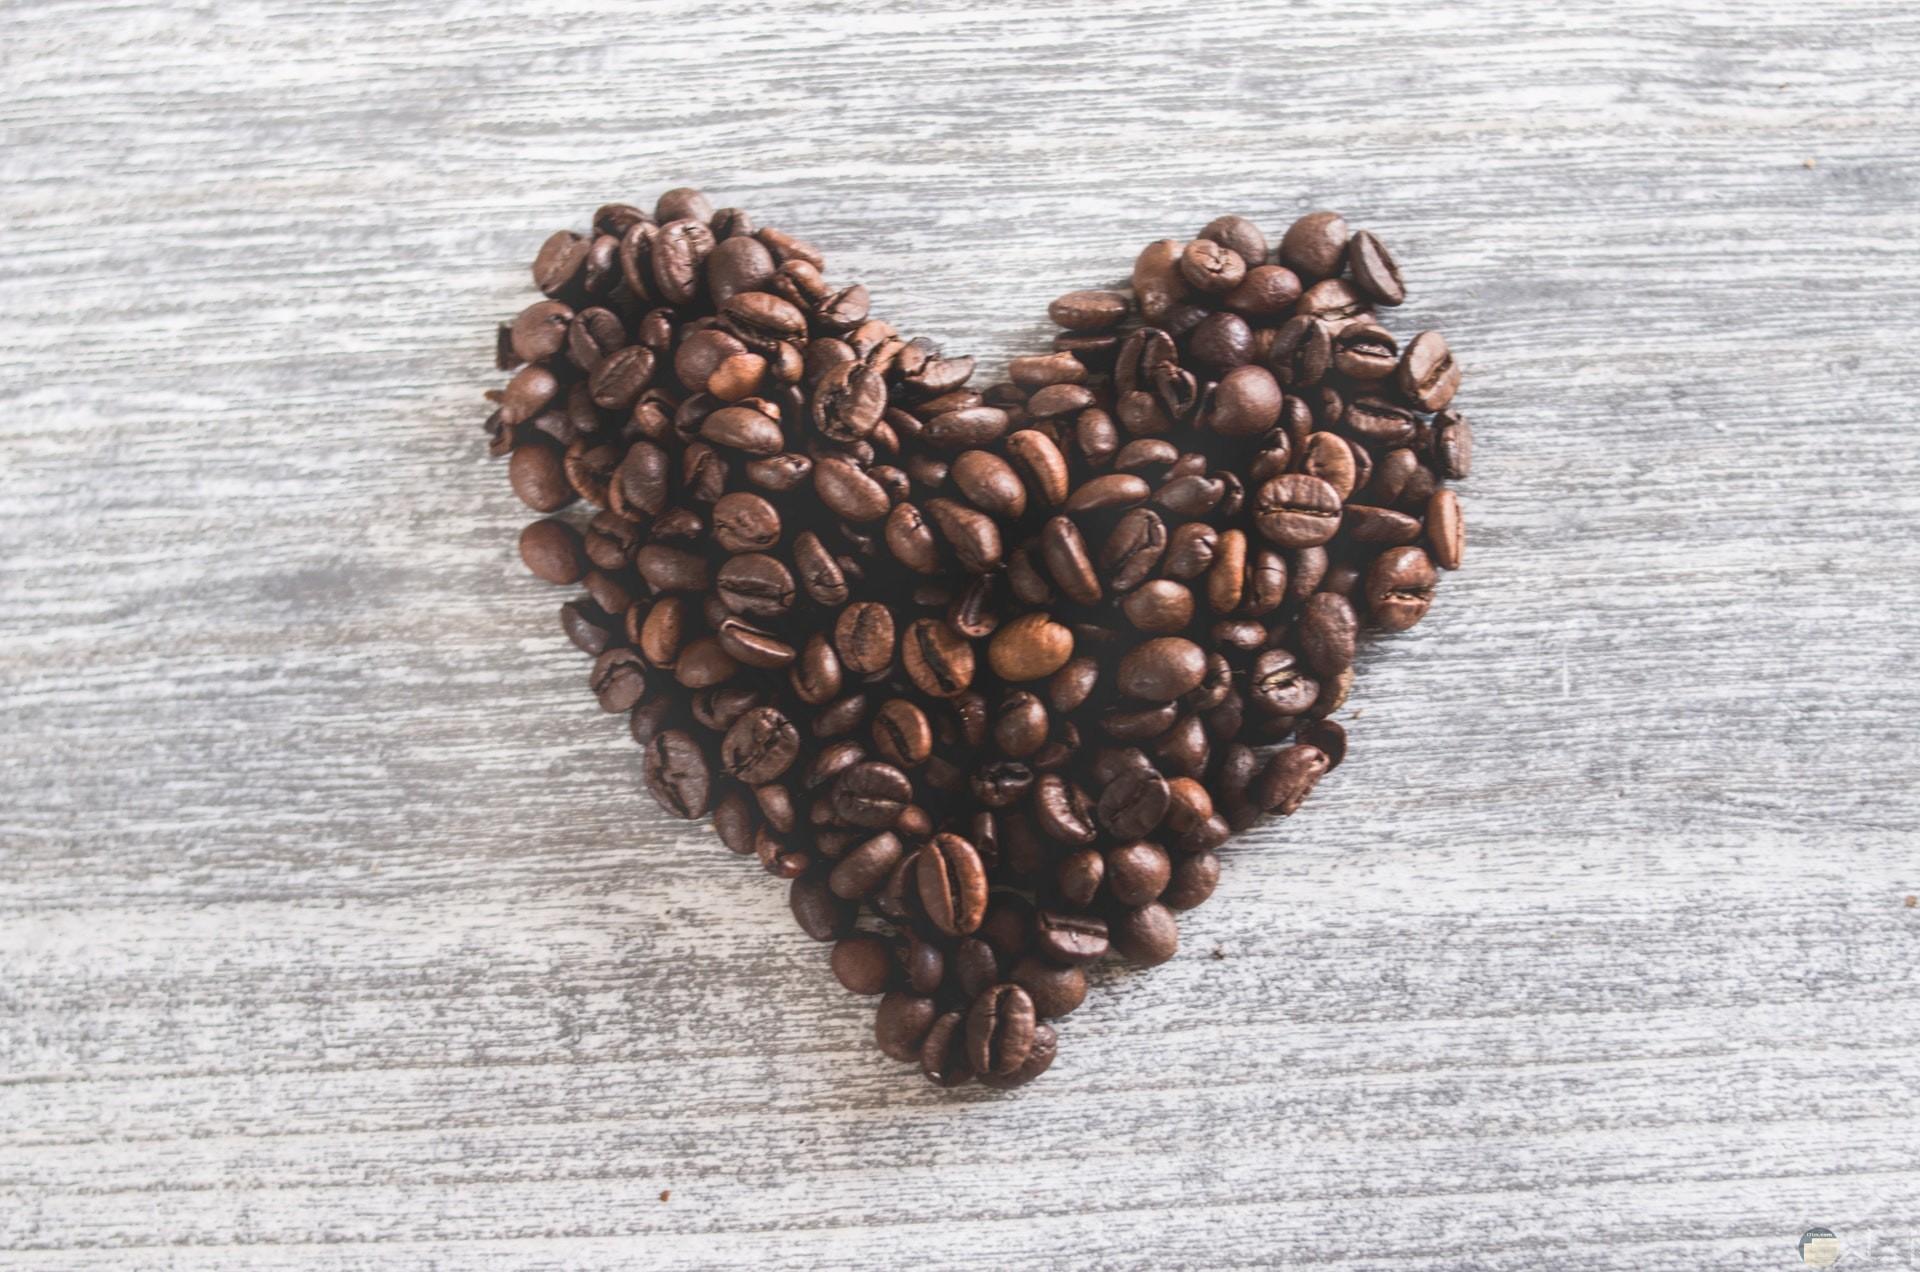 صورة جميلة لقلب من حبات البن لكل عشاق القهوة